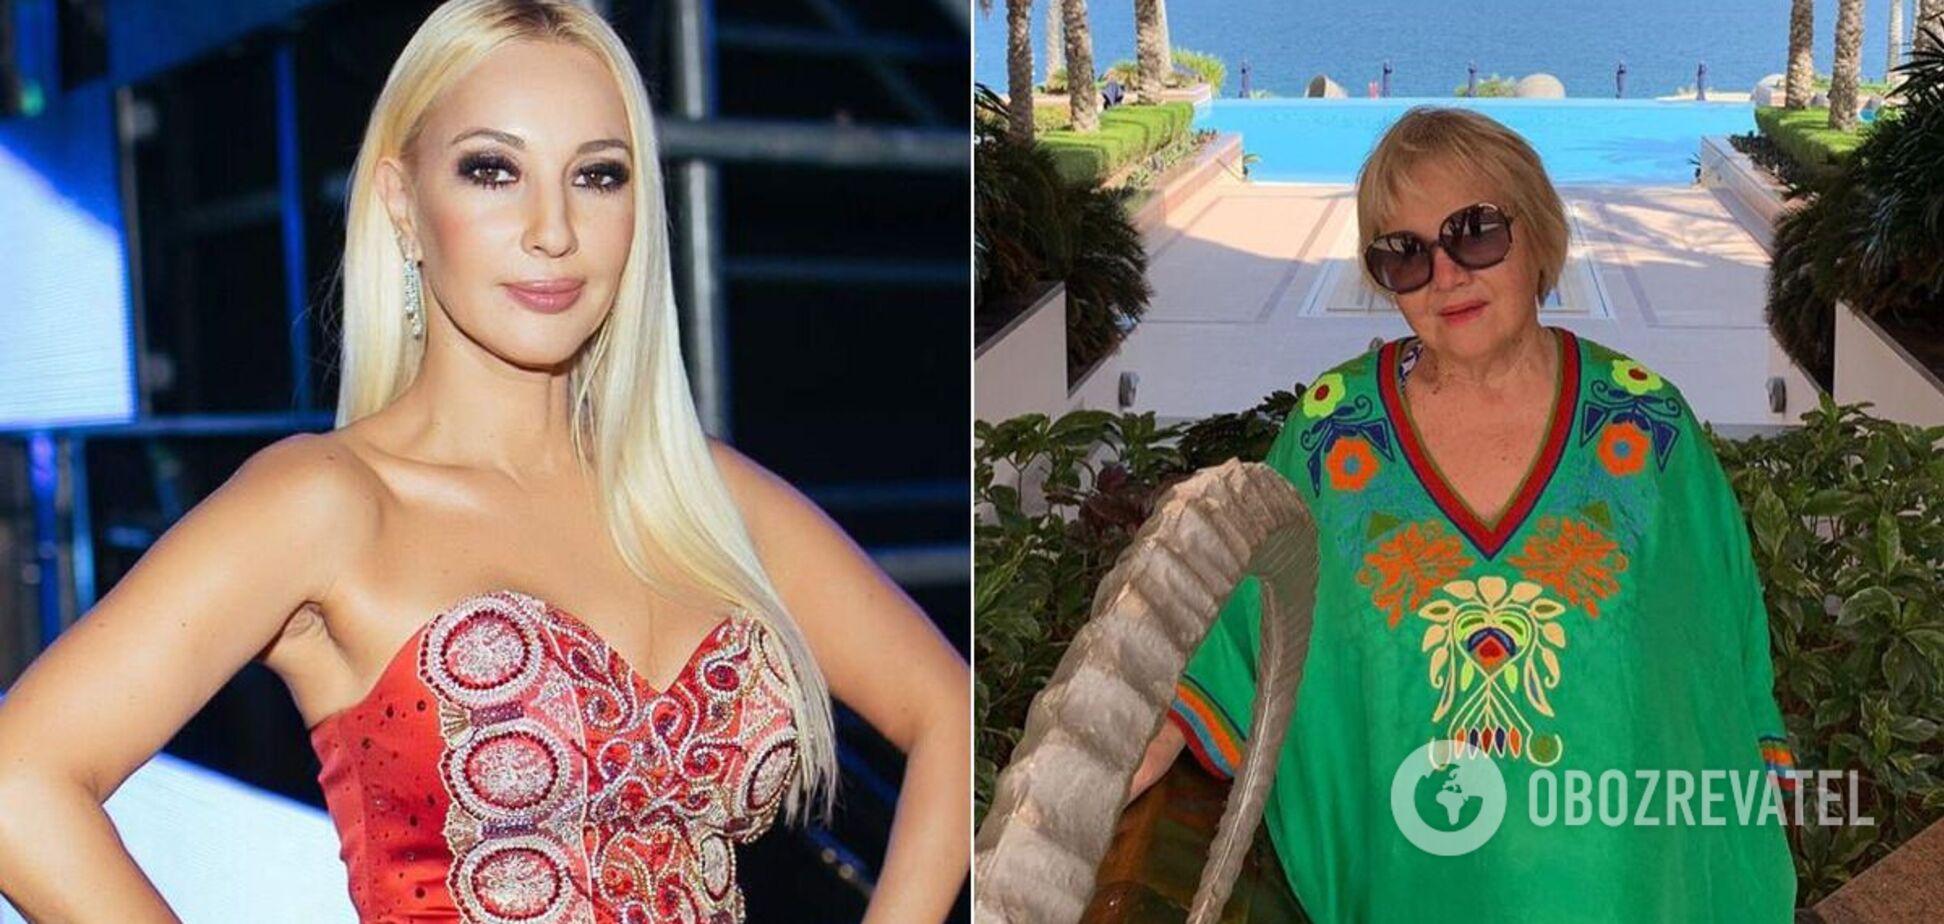 Лера Кудрявцева сообщила, что у ее мамы случился инсульт